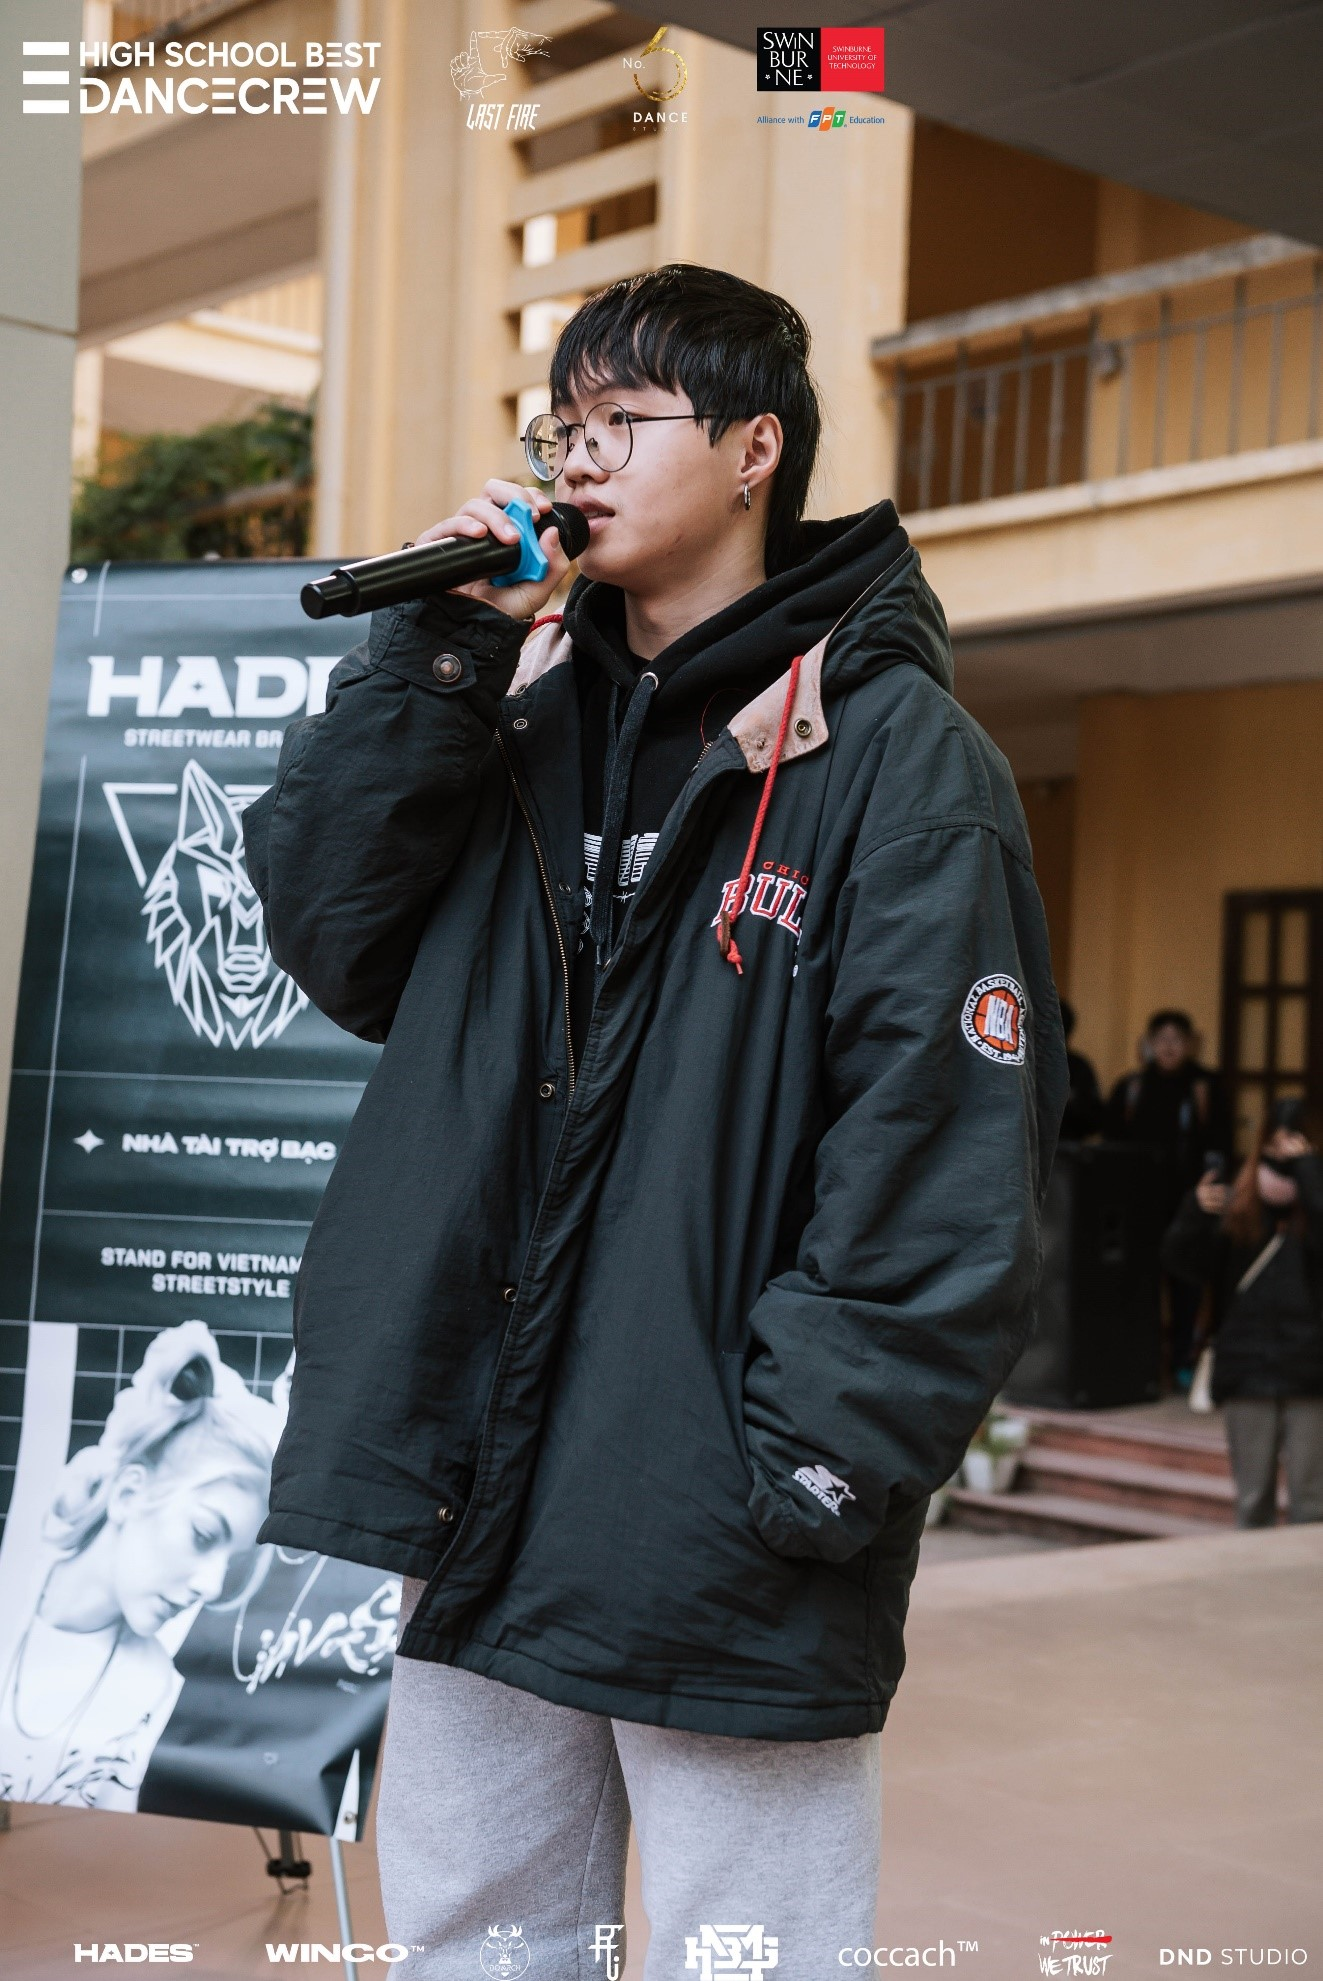 Hades đồng hành cùng giới trẻ trong chương trình High School Best Dance Crew 2021 3